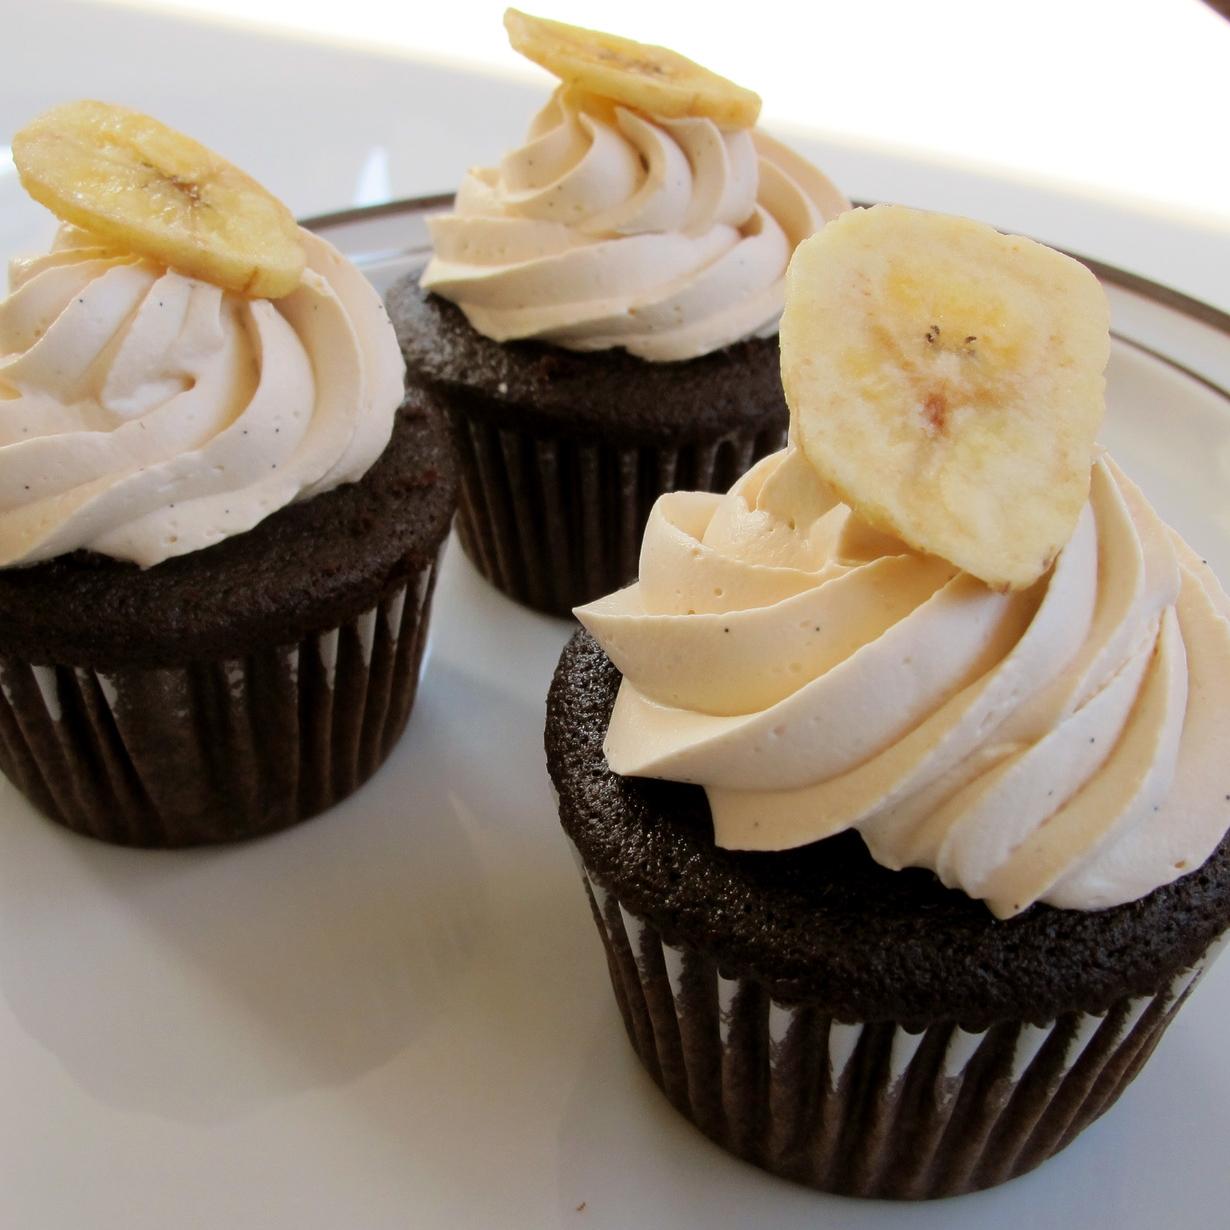 bananacreme.jpg